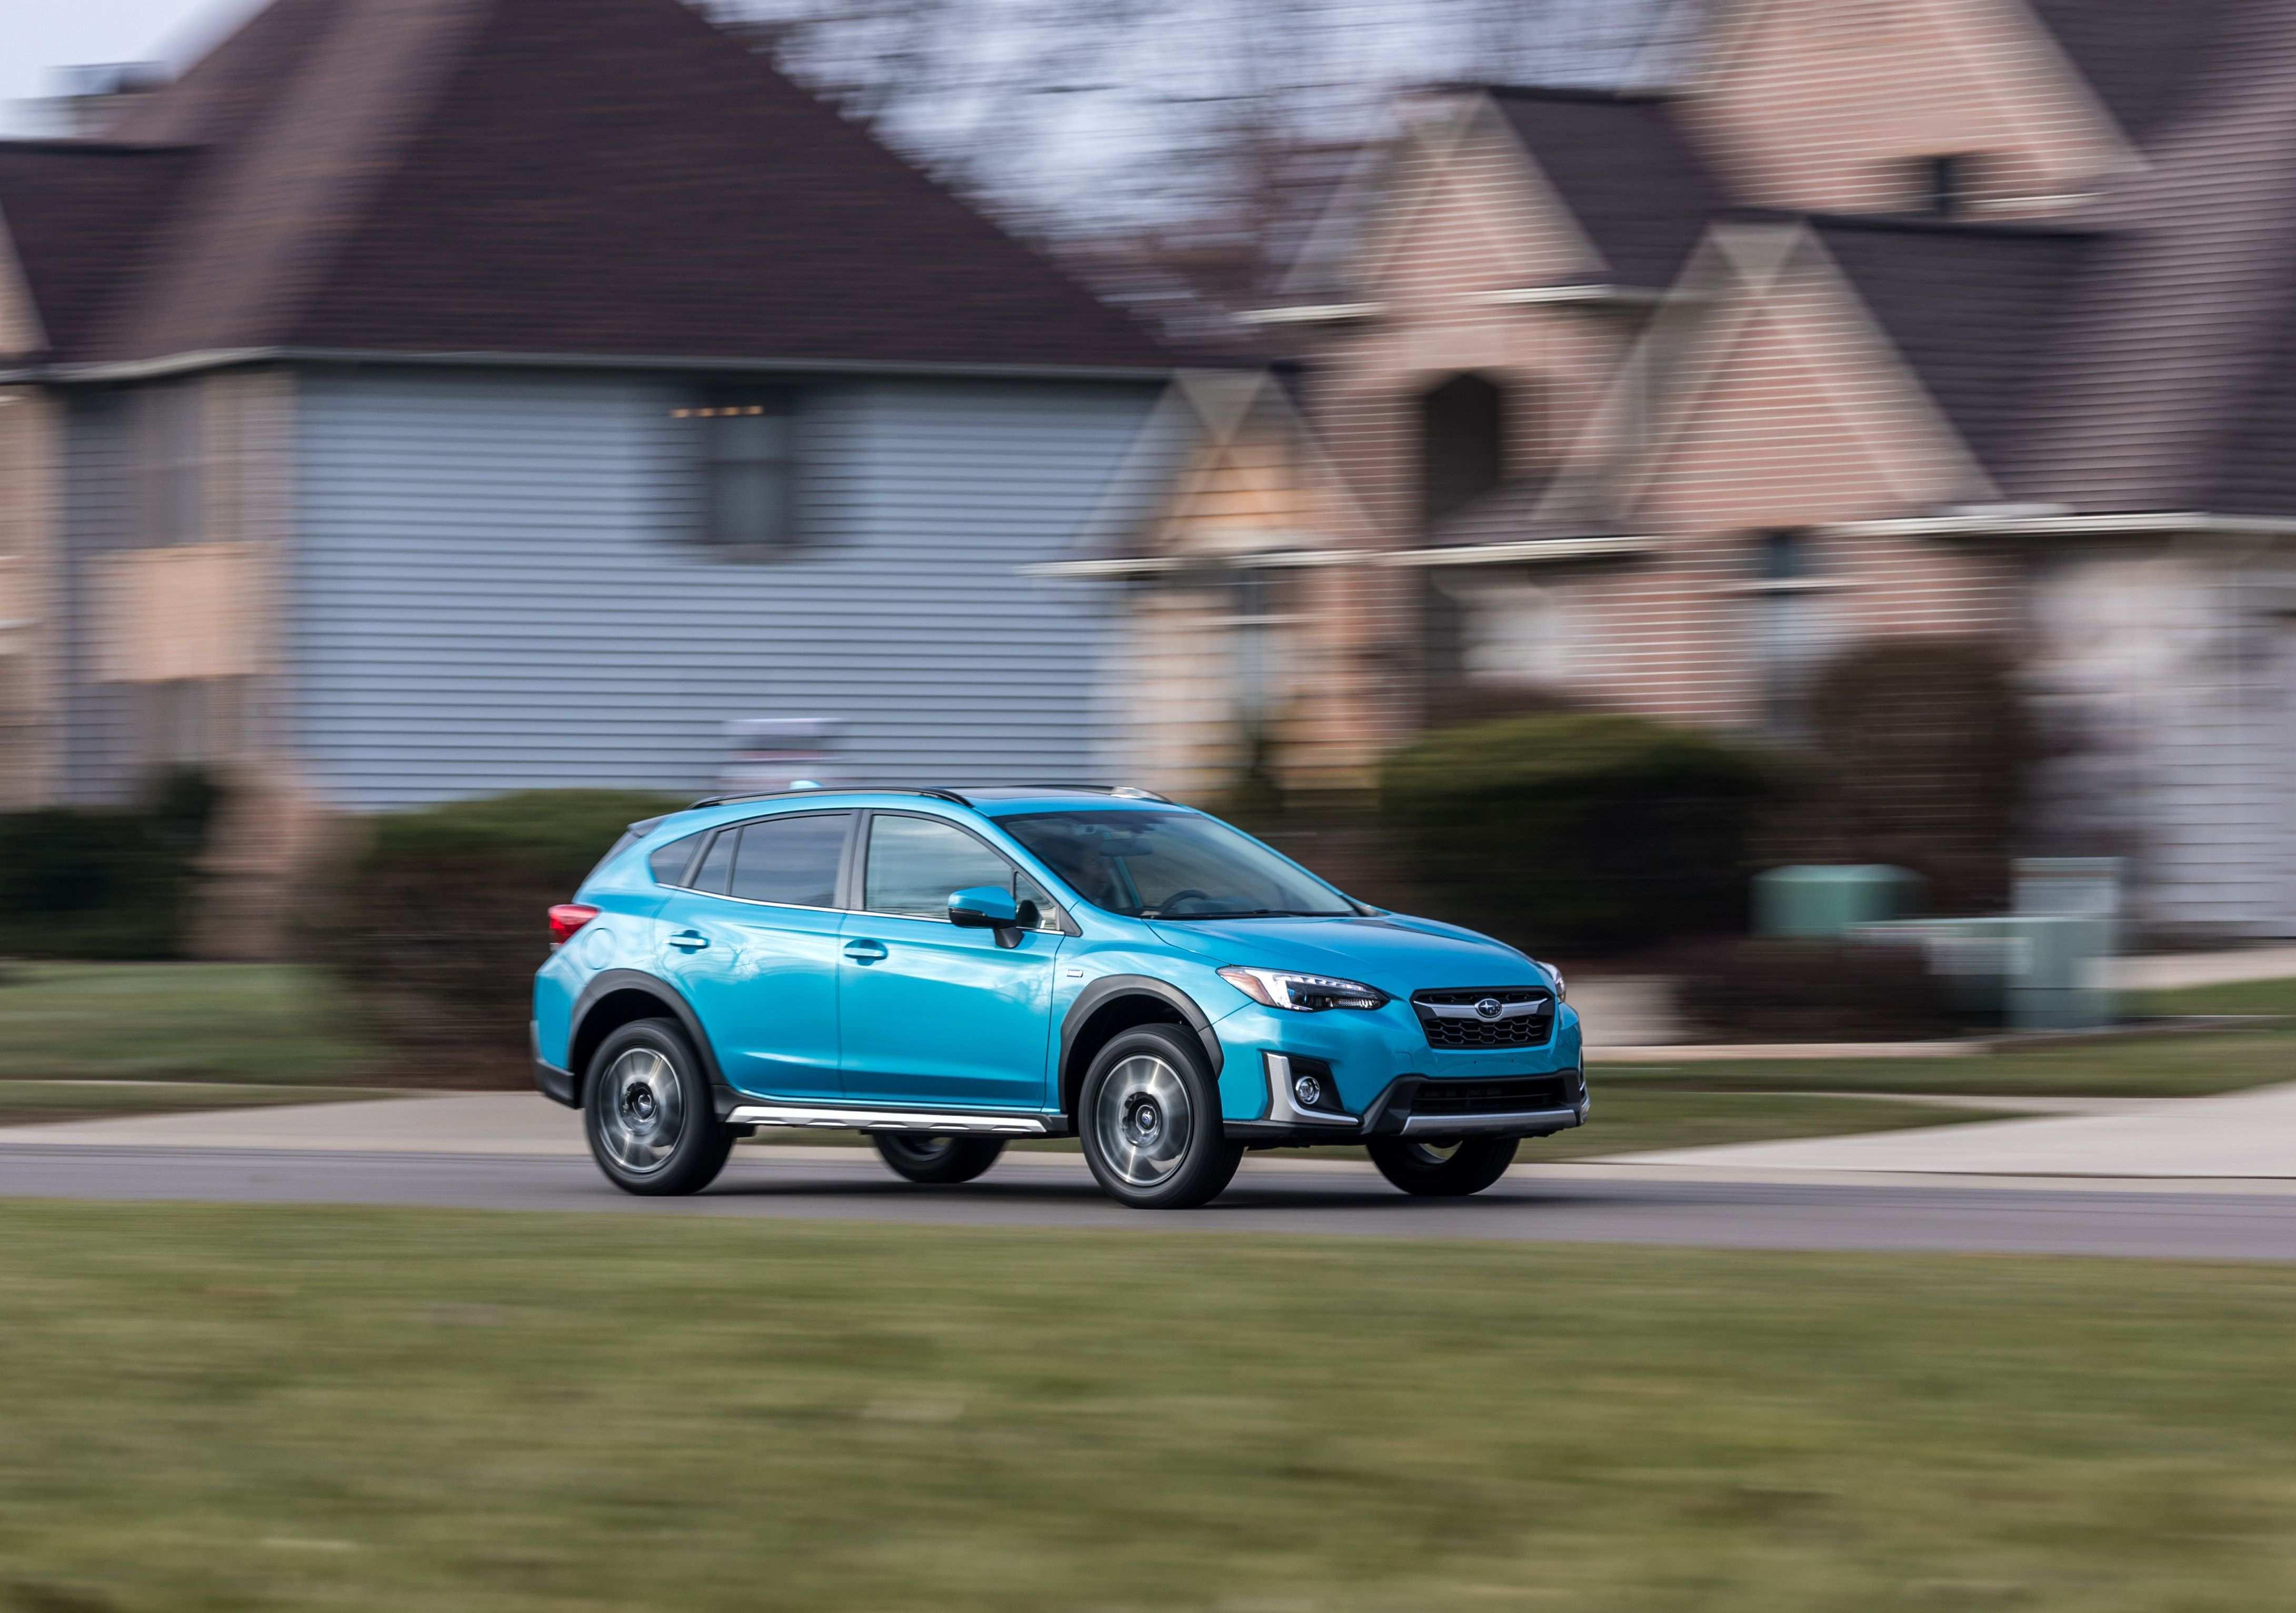 18 Best Review The 2019 Subaru Crosstrek Hybrid Release Date Review Style with The 2019 Subaru Crosstrek Hybrid Release Date Review